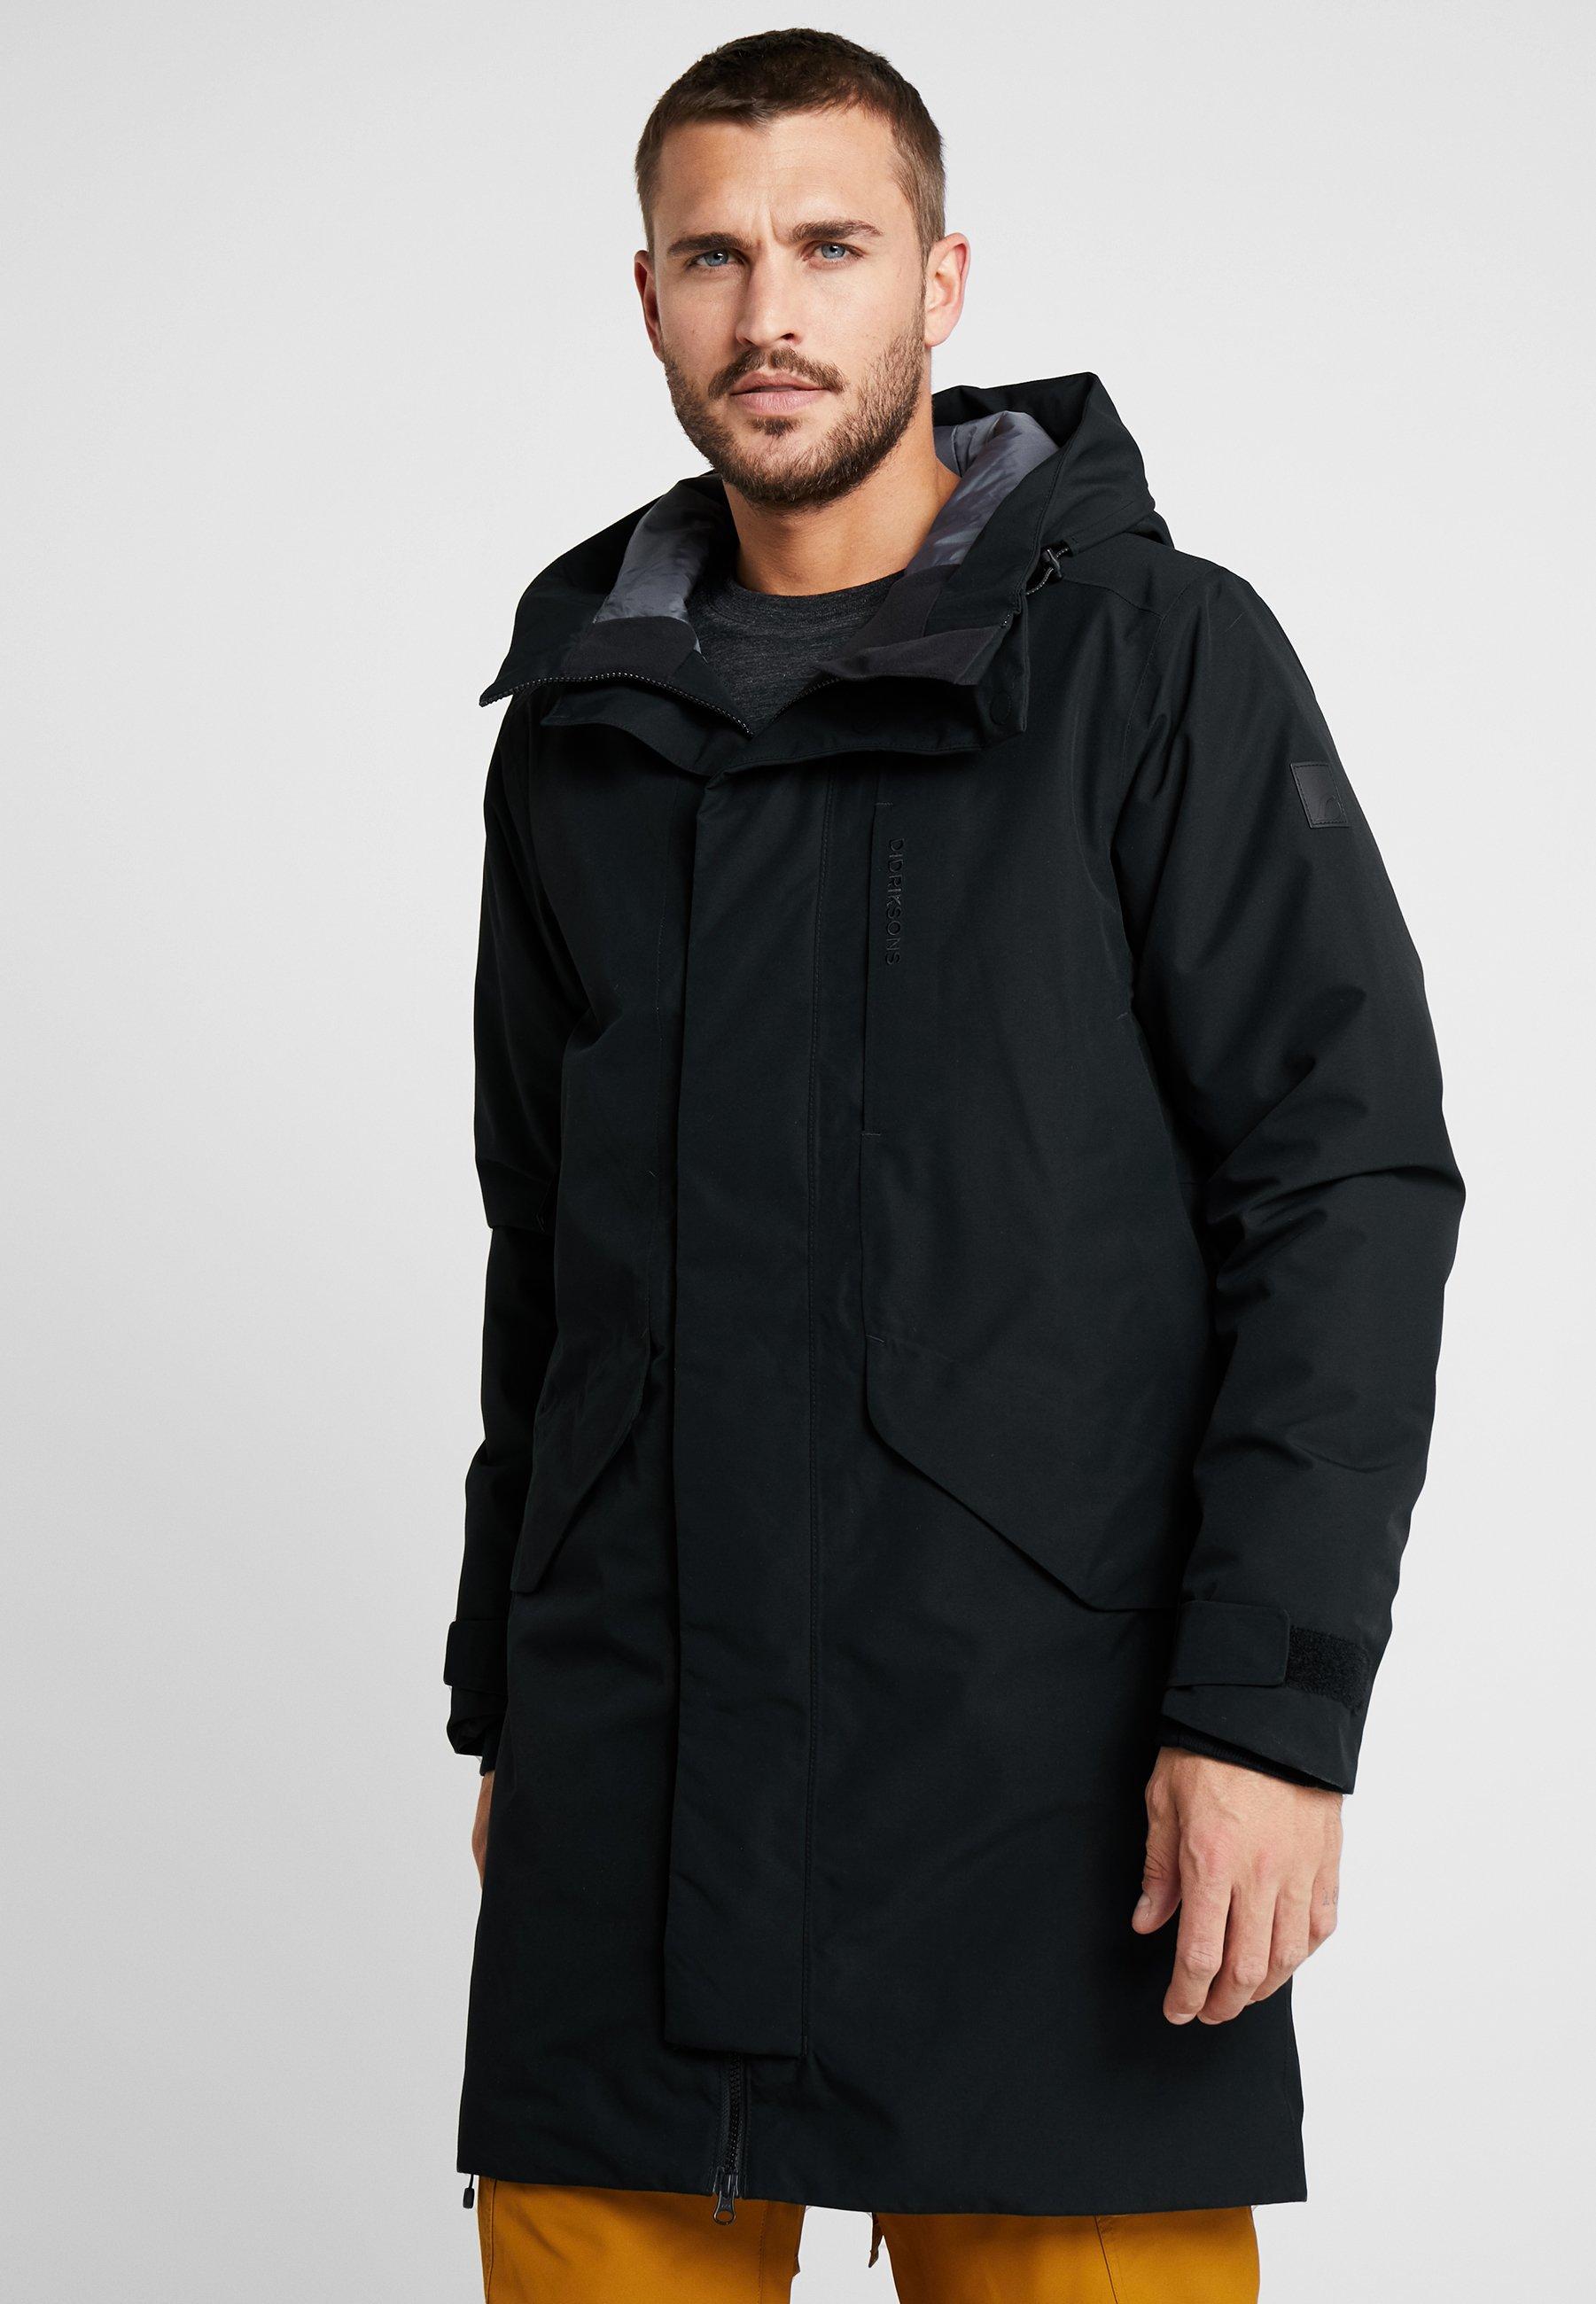 Didriksons Kenny Parka Winterjacke Herren Winter jackets